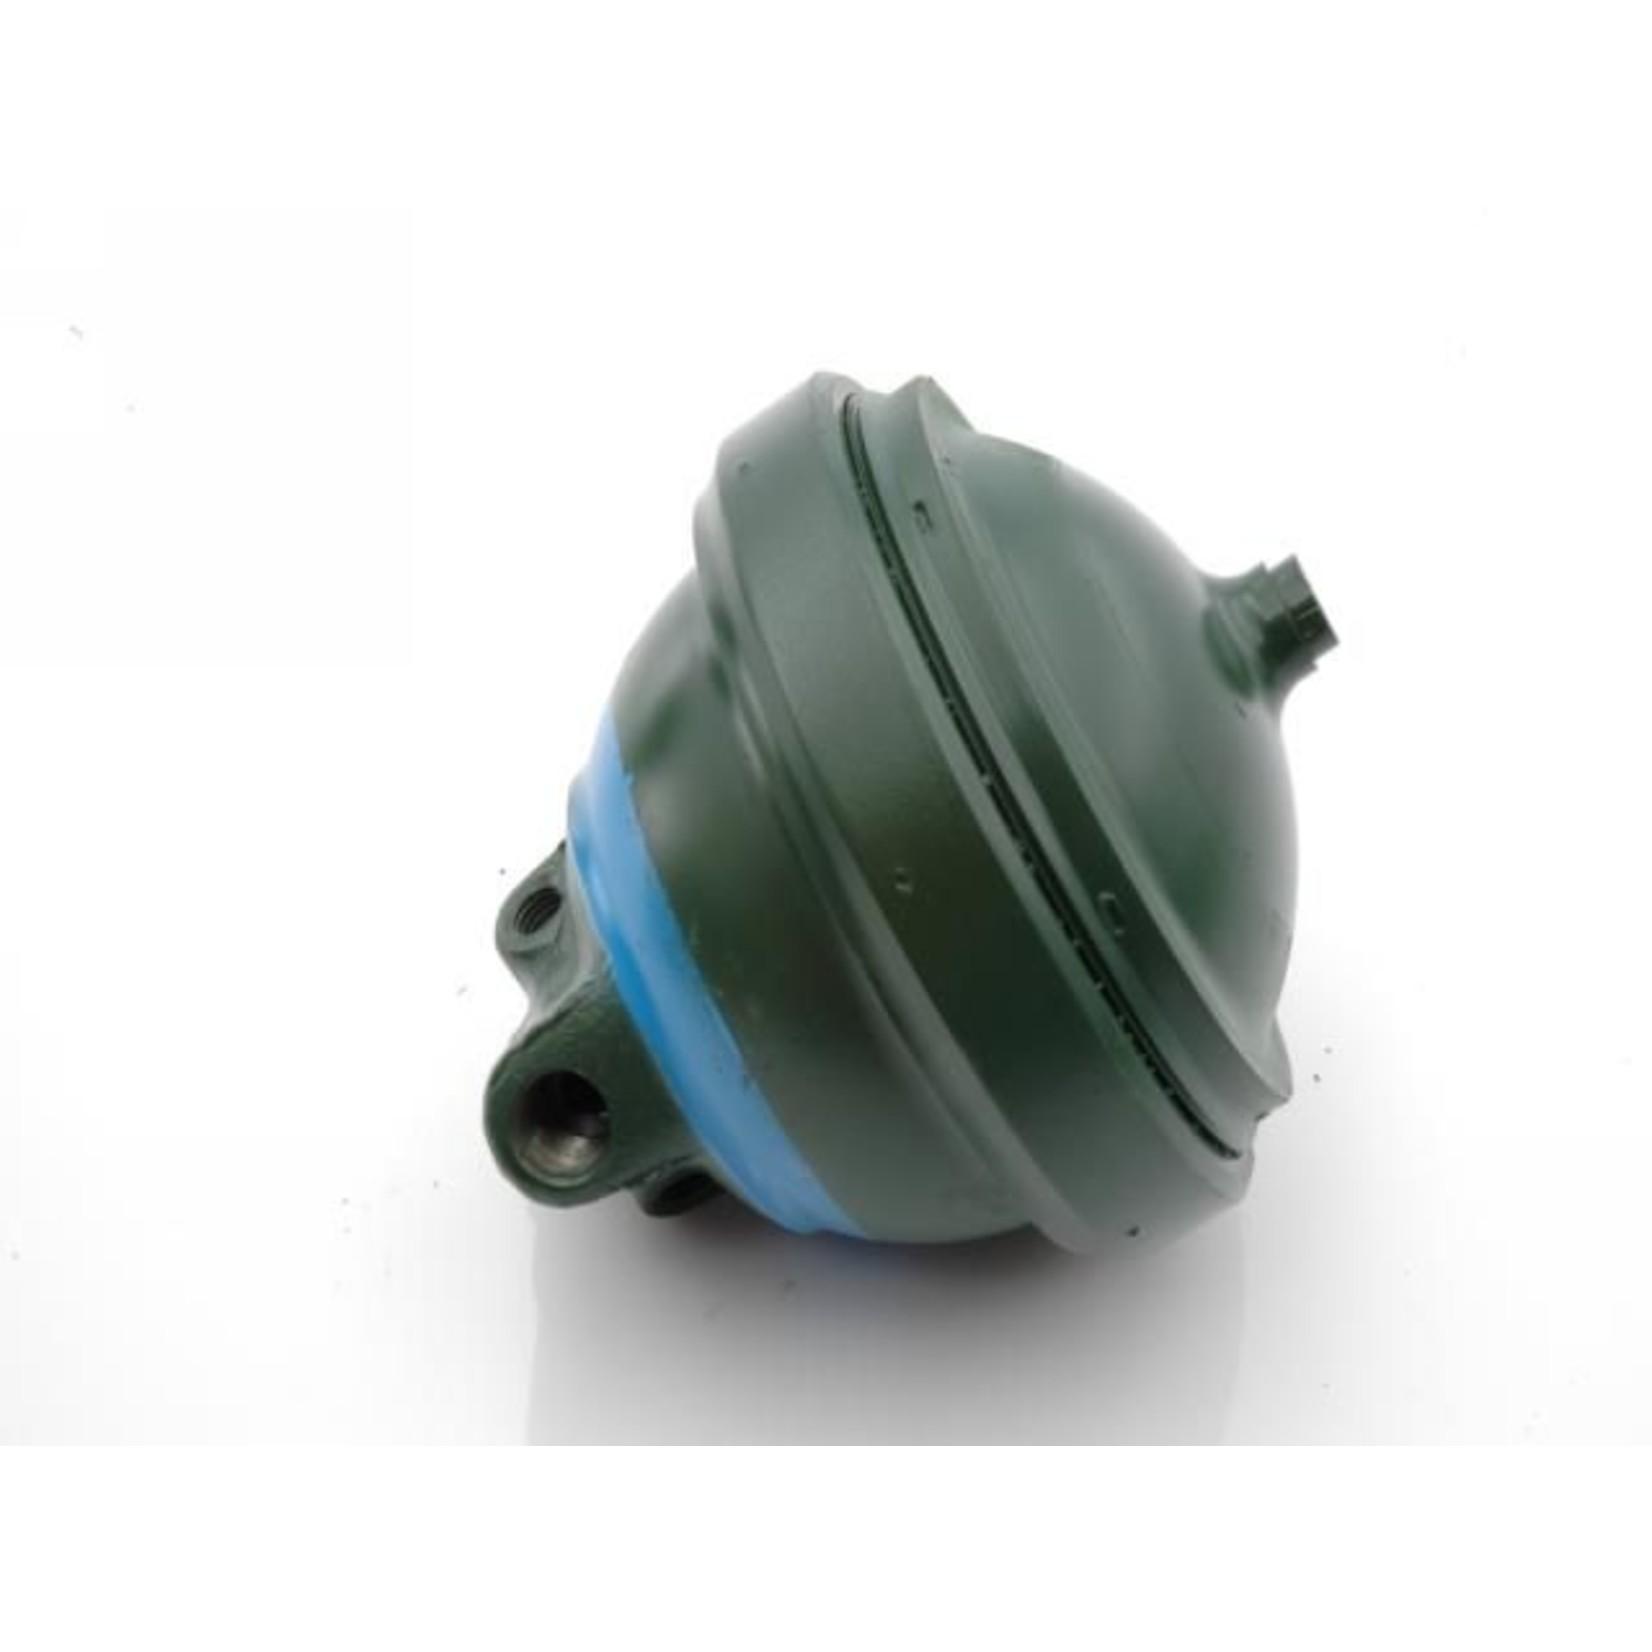 Sphère accumulateur de frein 3 voies reconditionnée LHM 40 bar Nr Org: 5415541